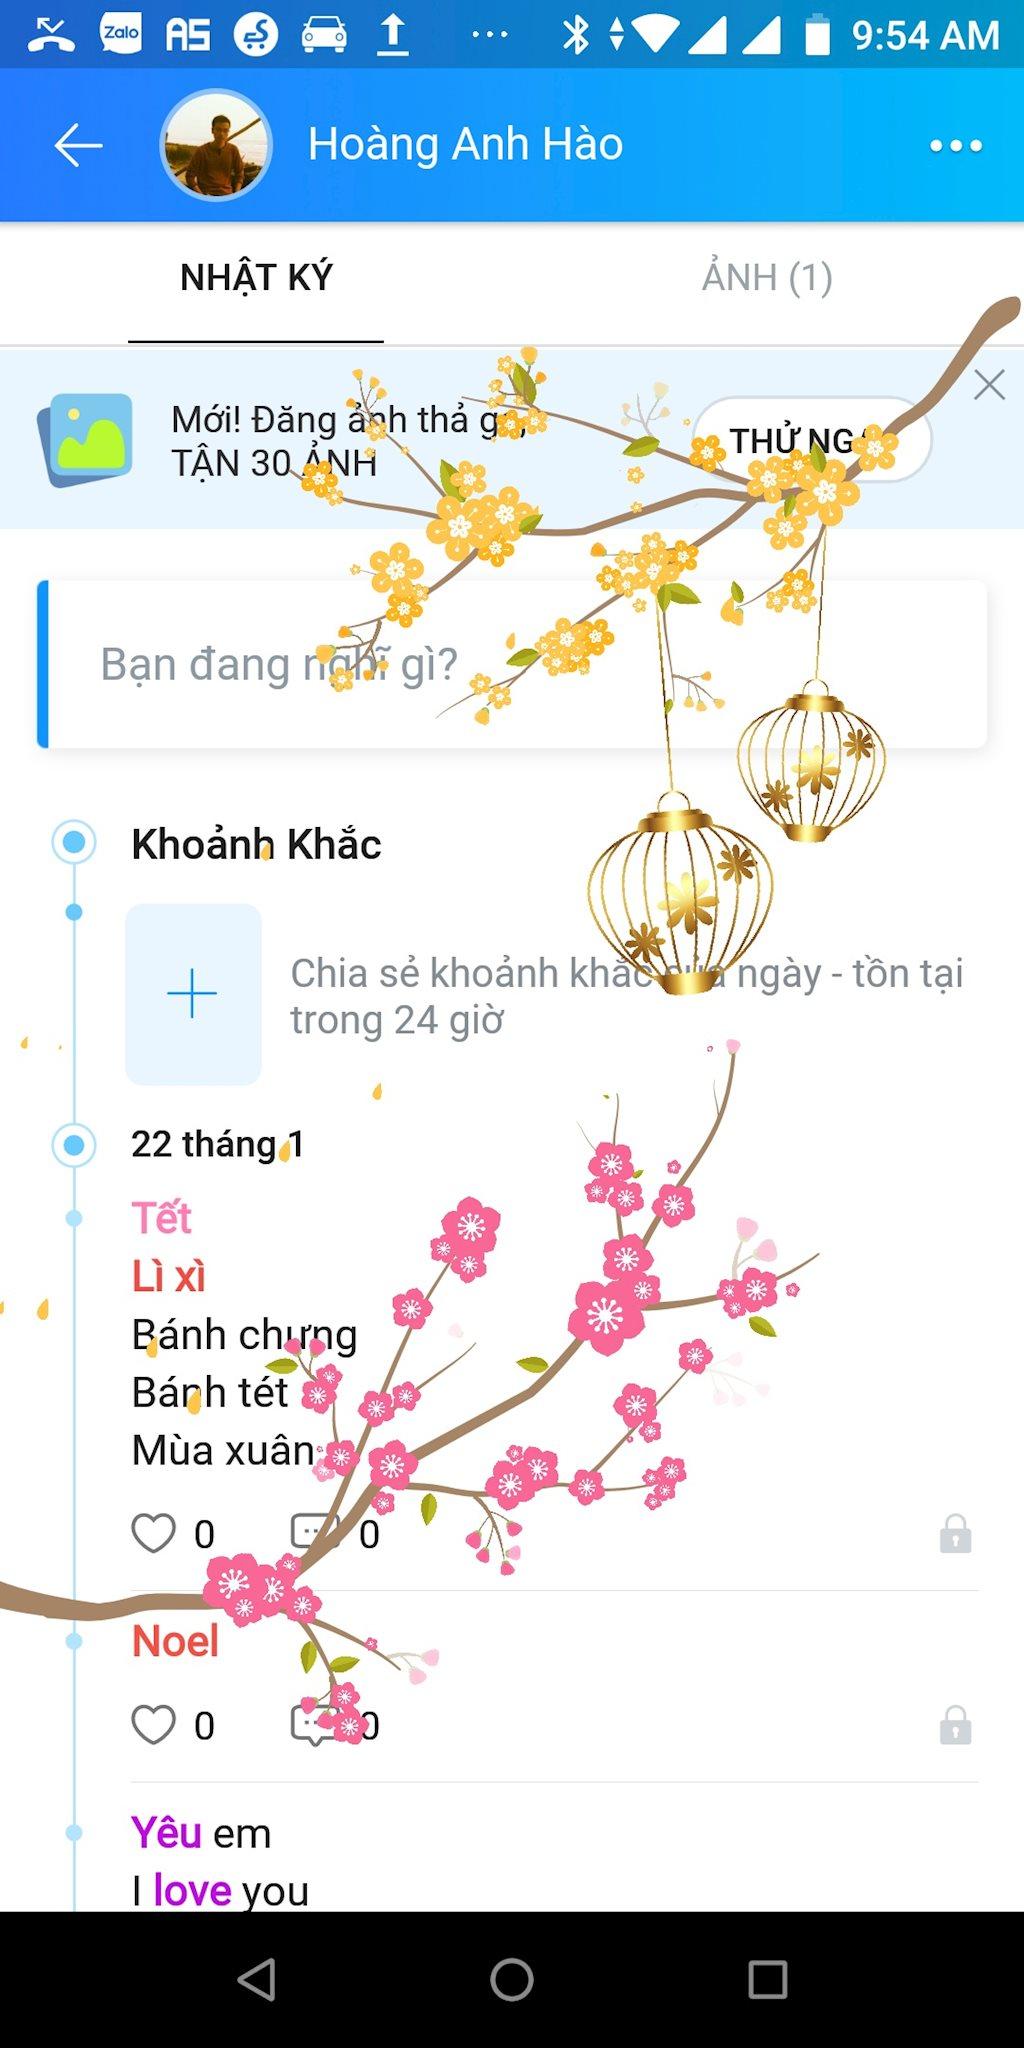 b1-nhung-tu-khoa-tao-hieu-ung-zalo-cho-dip-tet-cach-tao-hieu-ung-hoa-dao-bao-li-xi-phao-hoa-tren-zalo-screenshot_20200122-095425.jpg